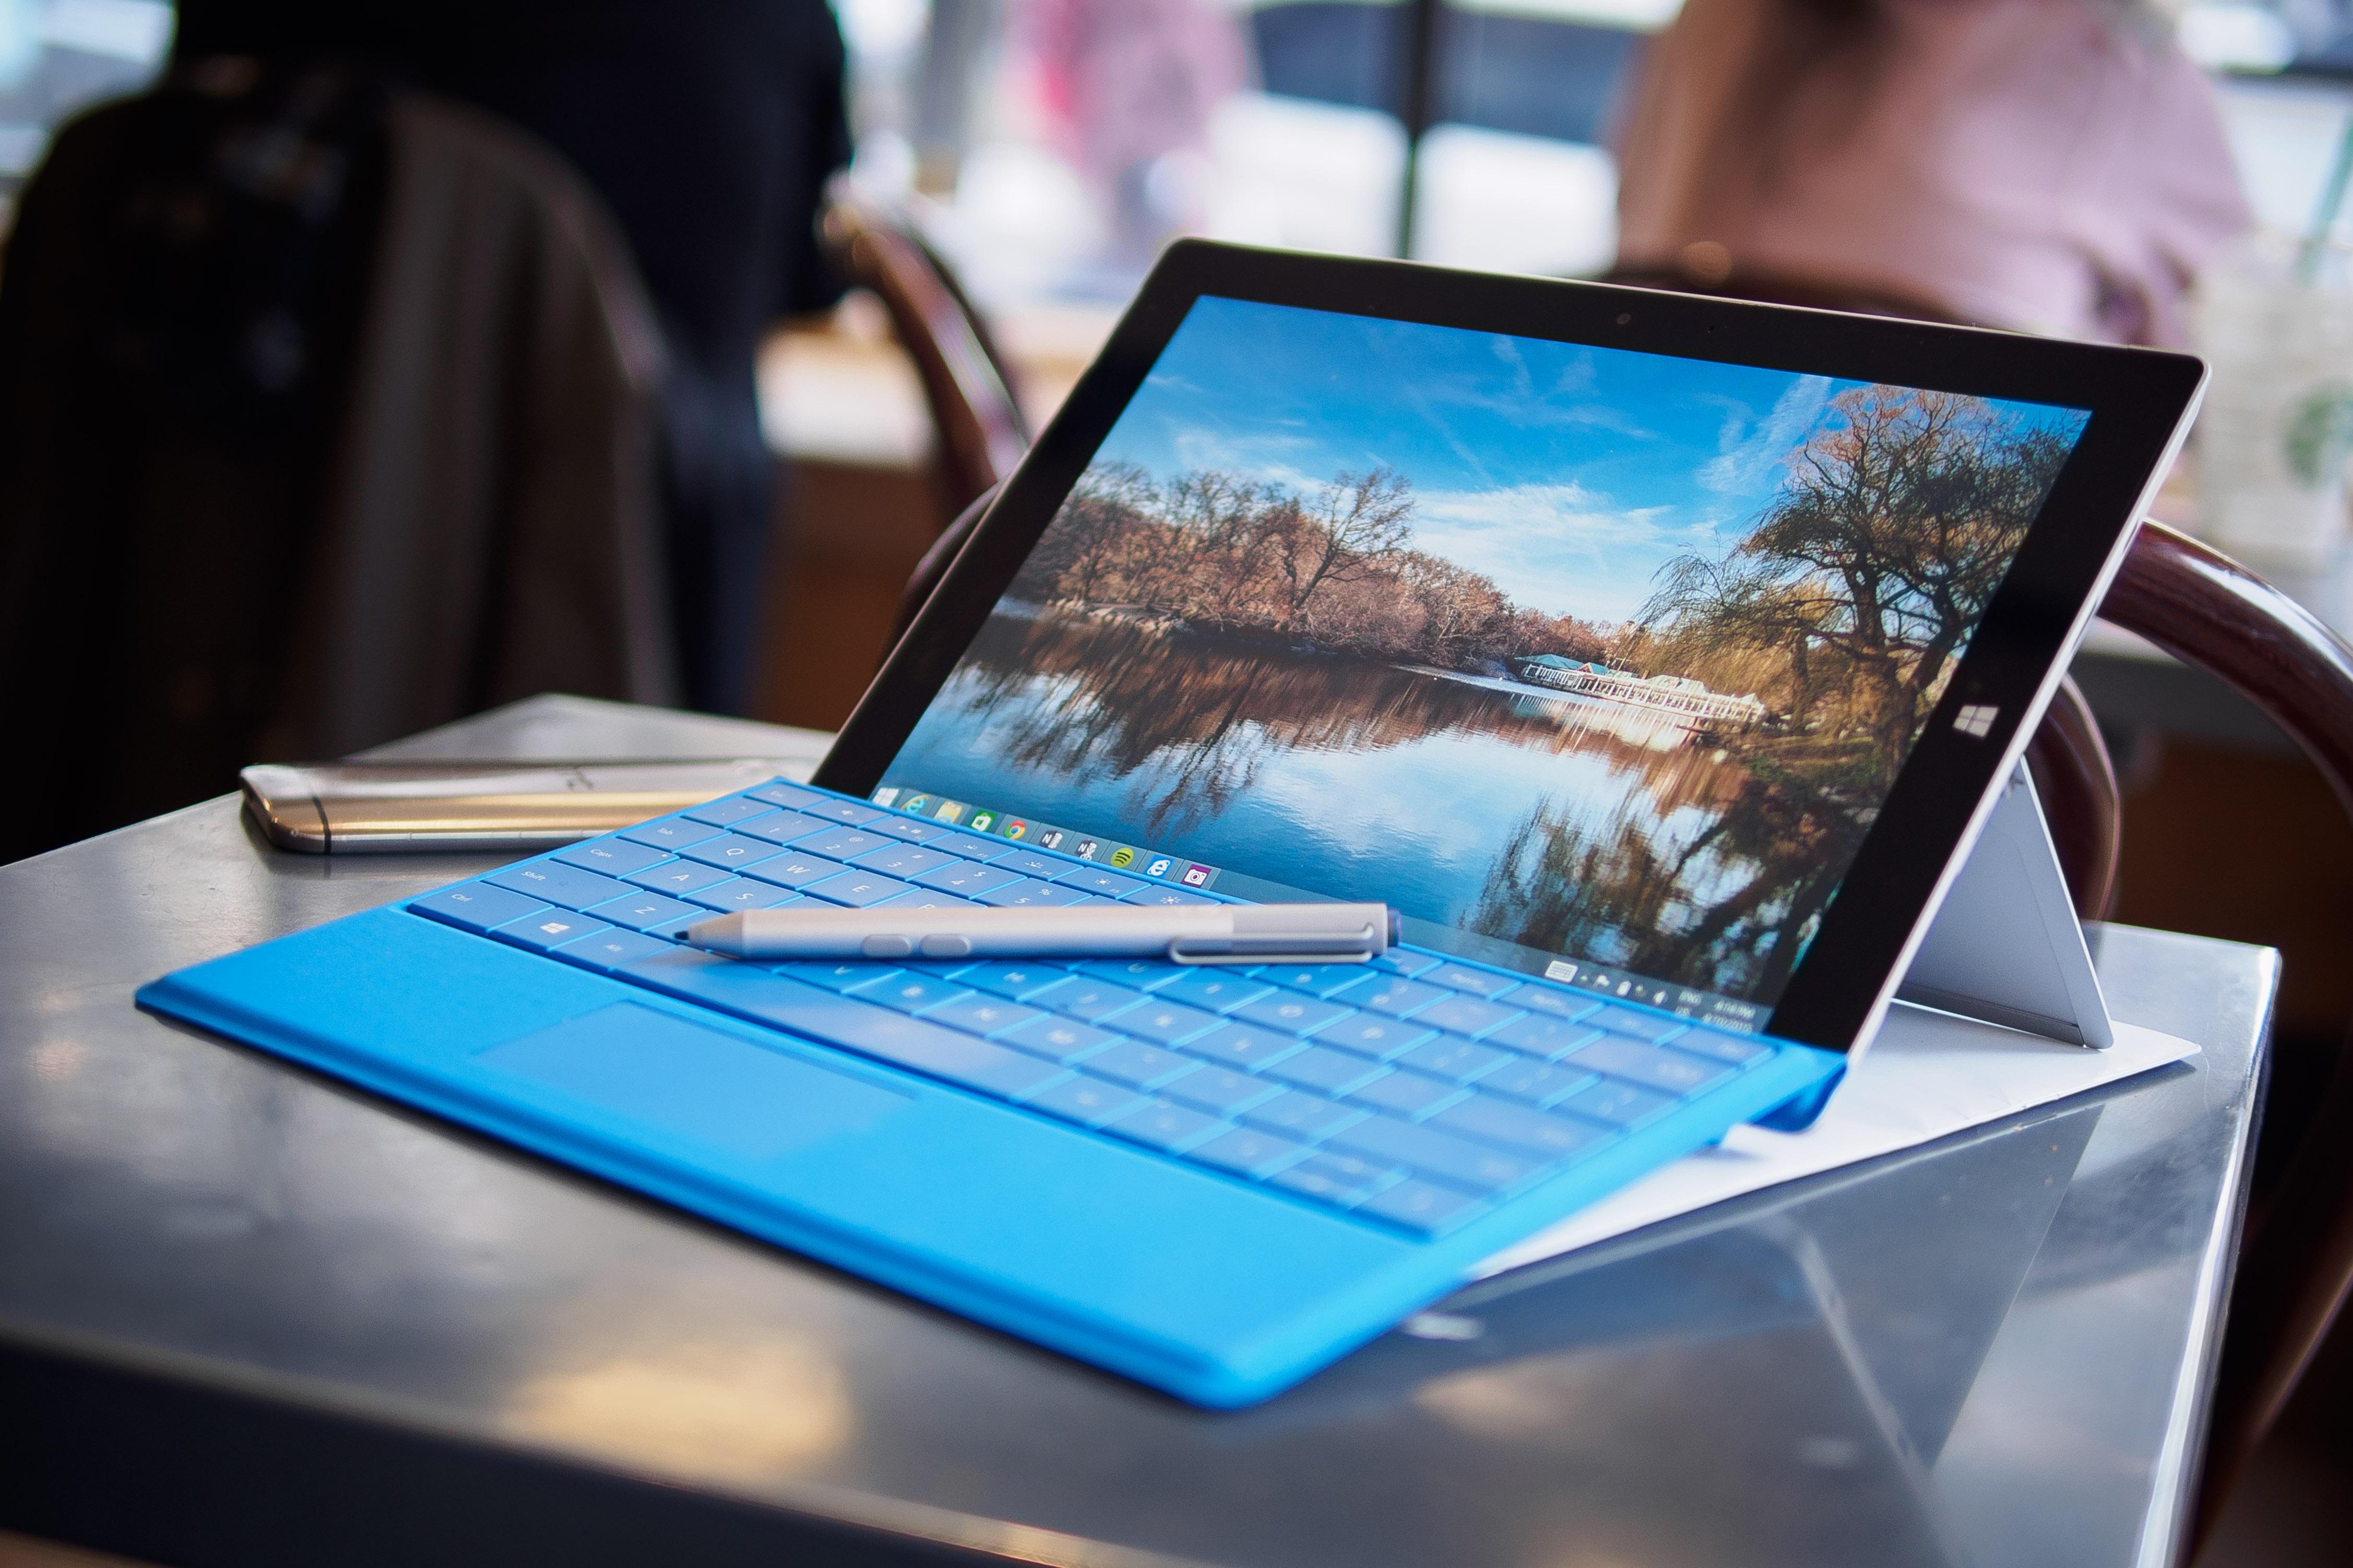 Los equipos con Windows dominarán el sector de tablets